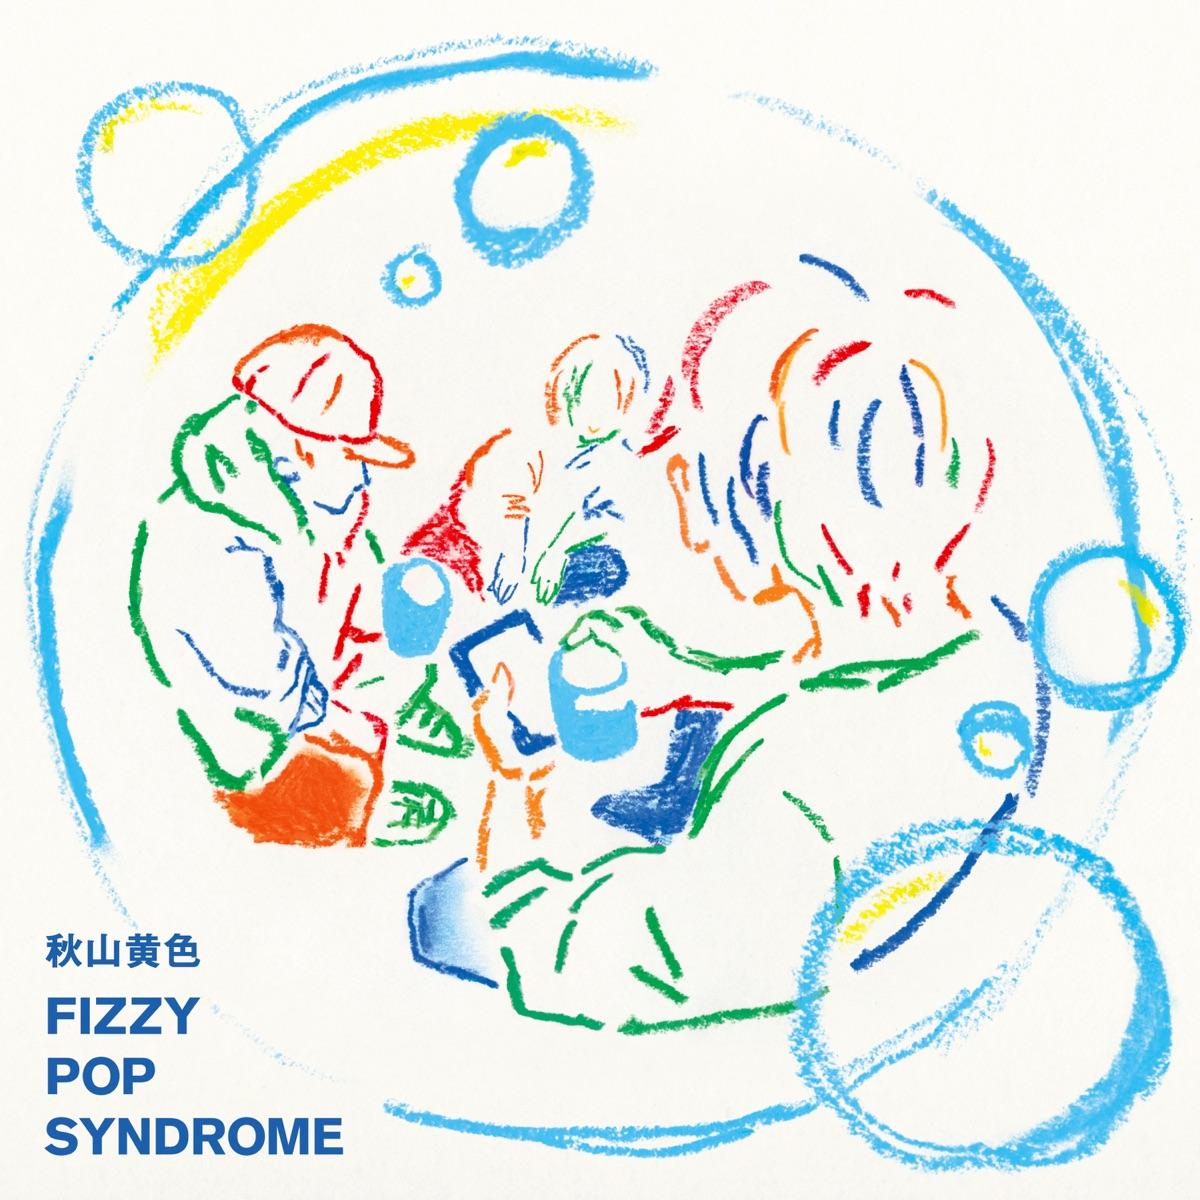 『秋山黄色 - 月と太陽だけ』収録の『FIZZY POP SYNDROME』ジャケット